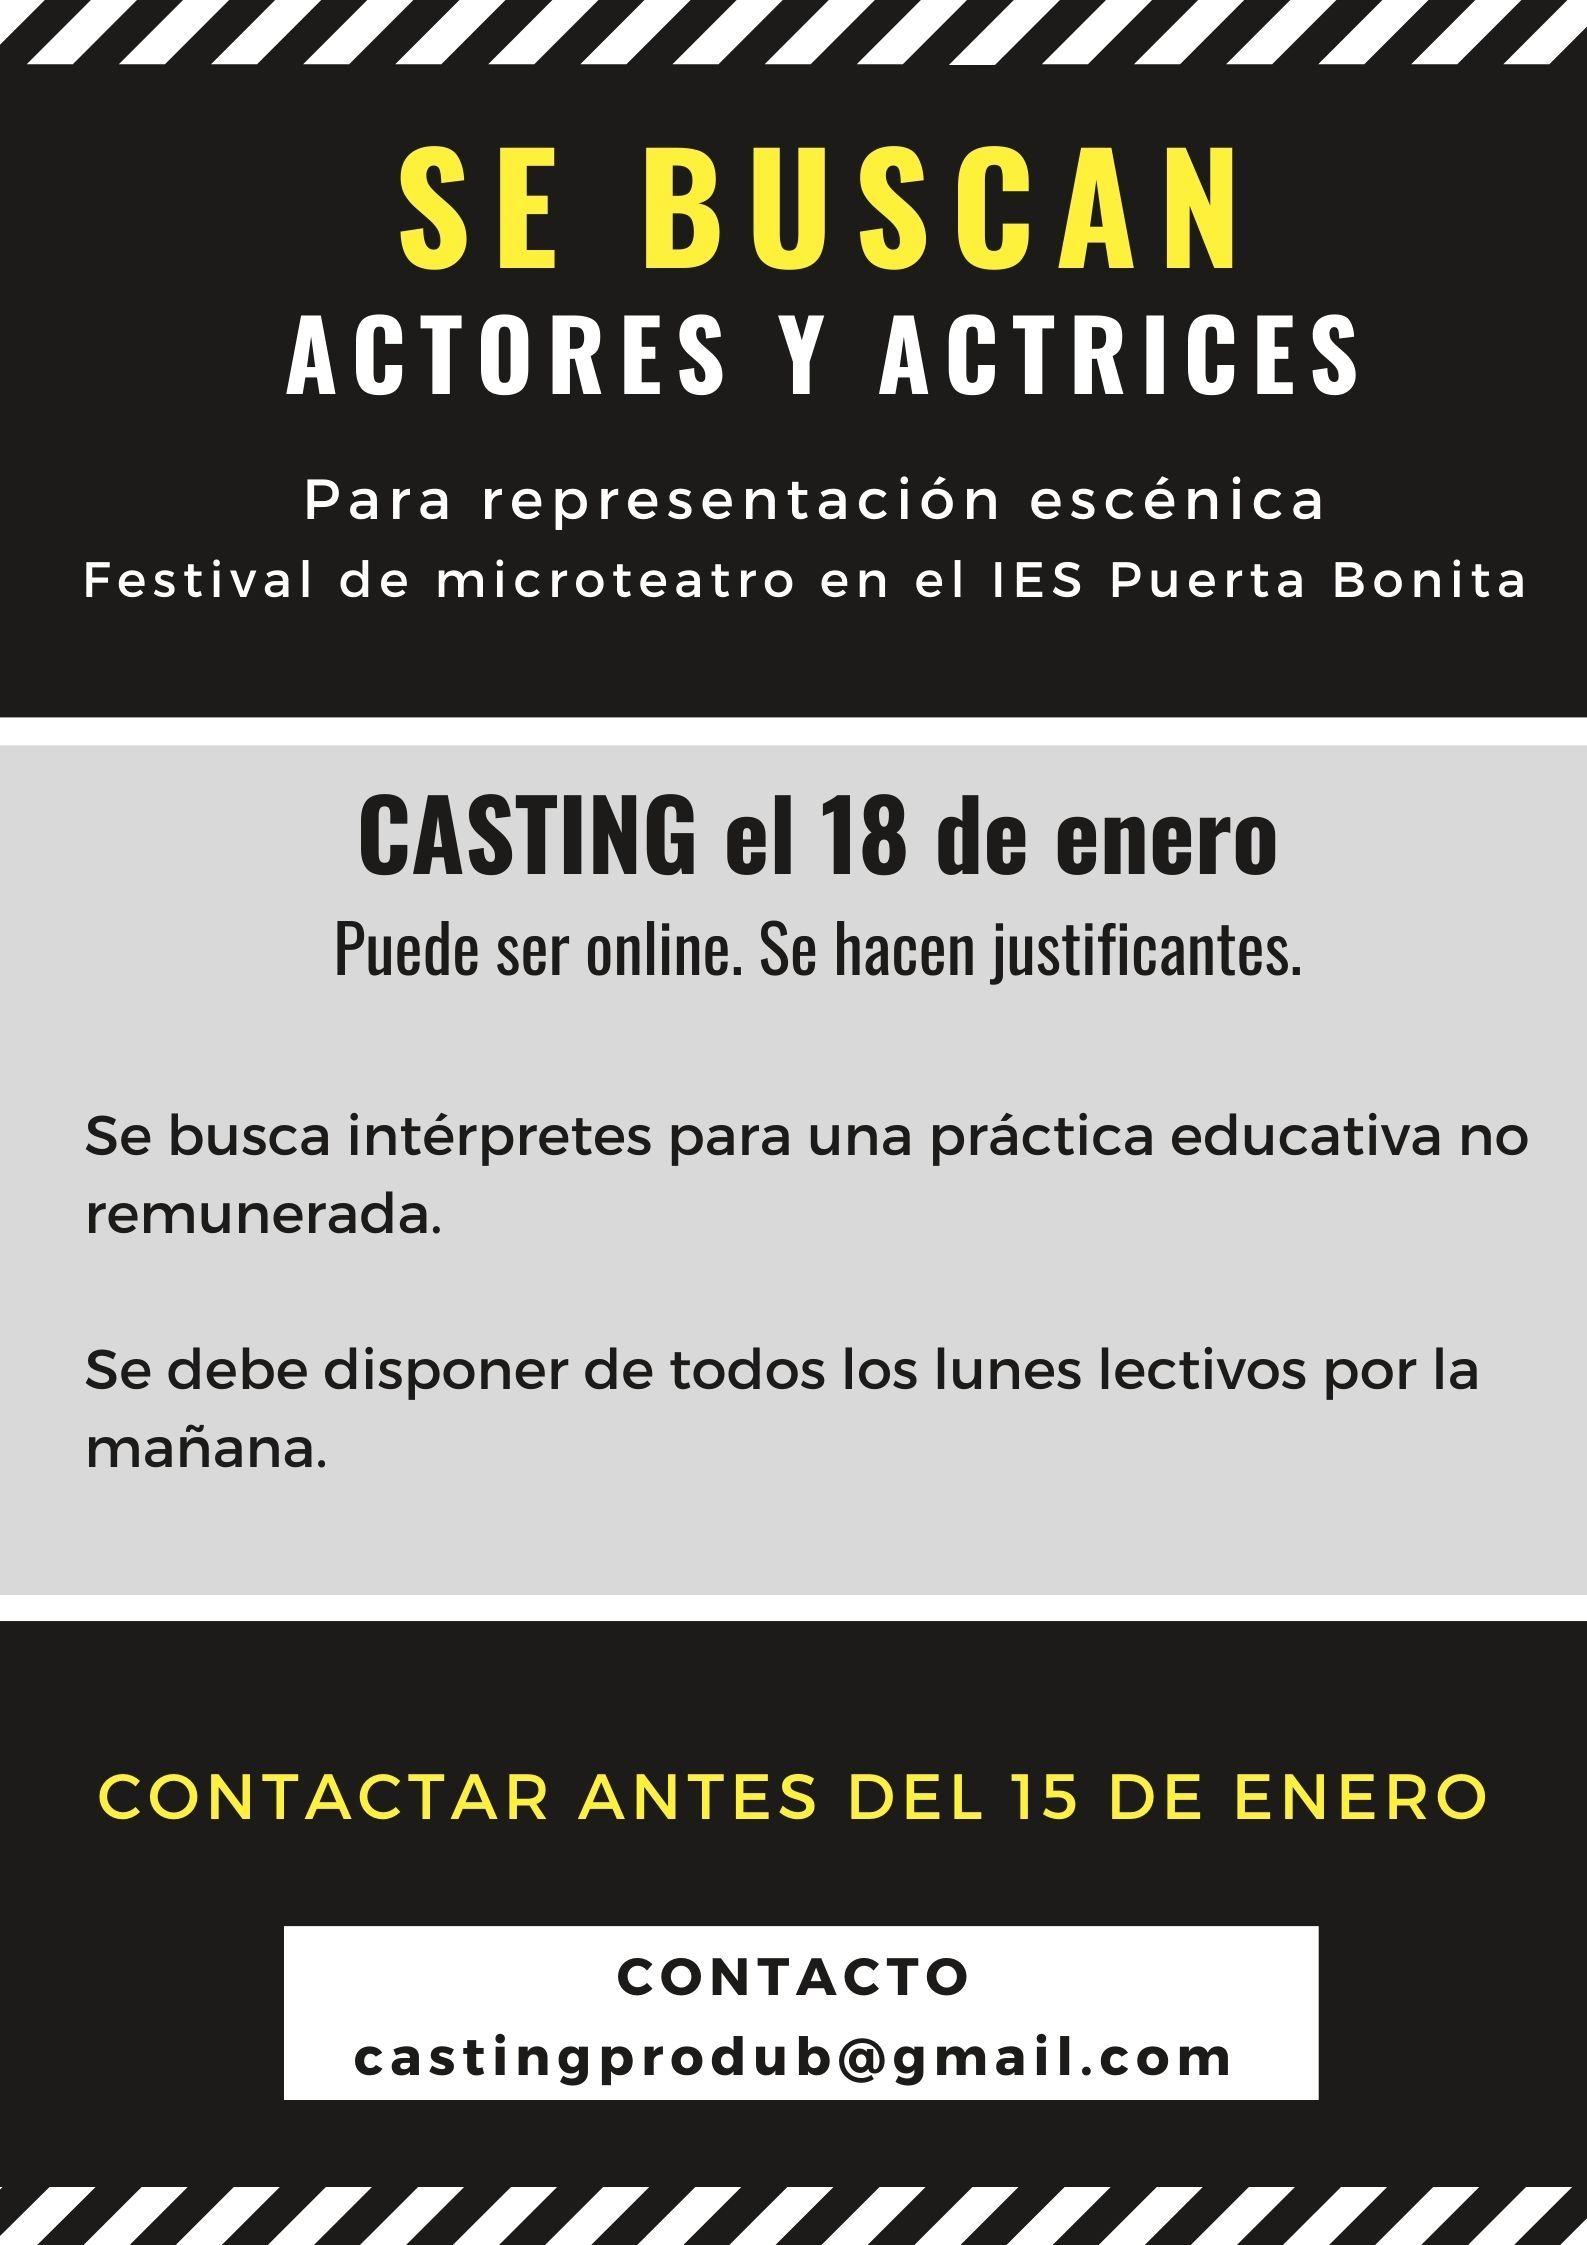 Actores y actrices práctica FESTIVAL MICROTEATROS en Madrid